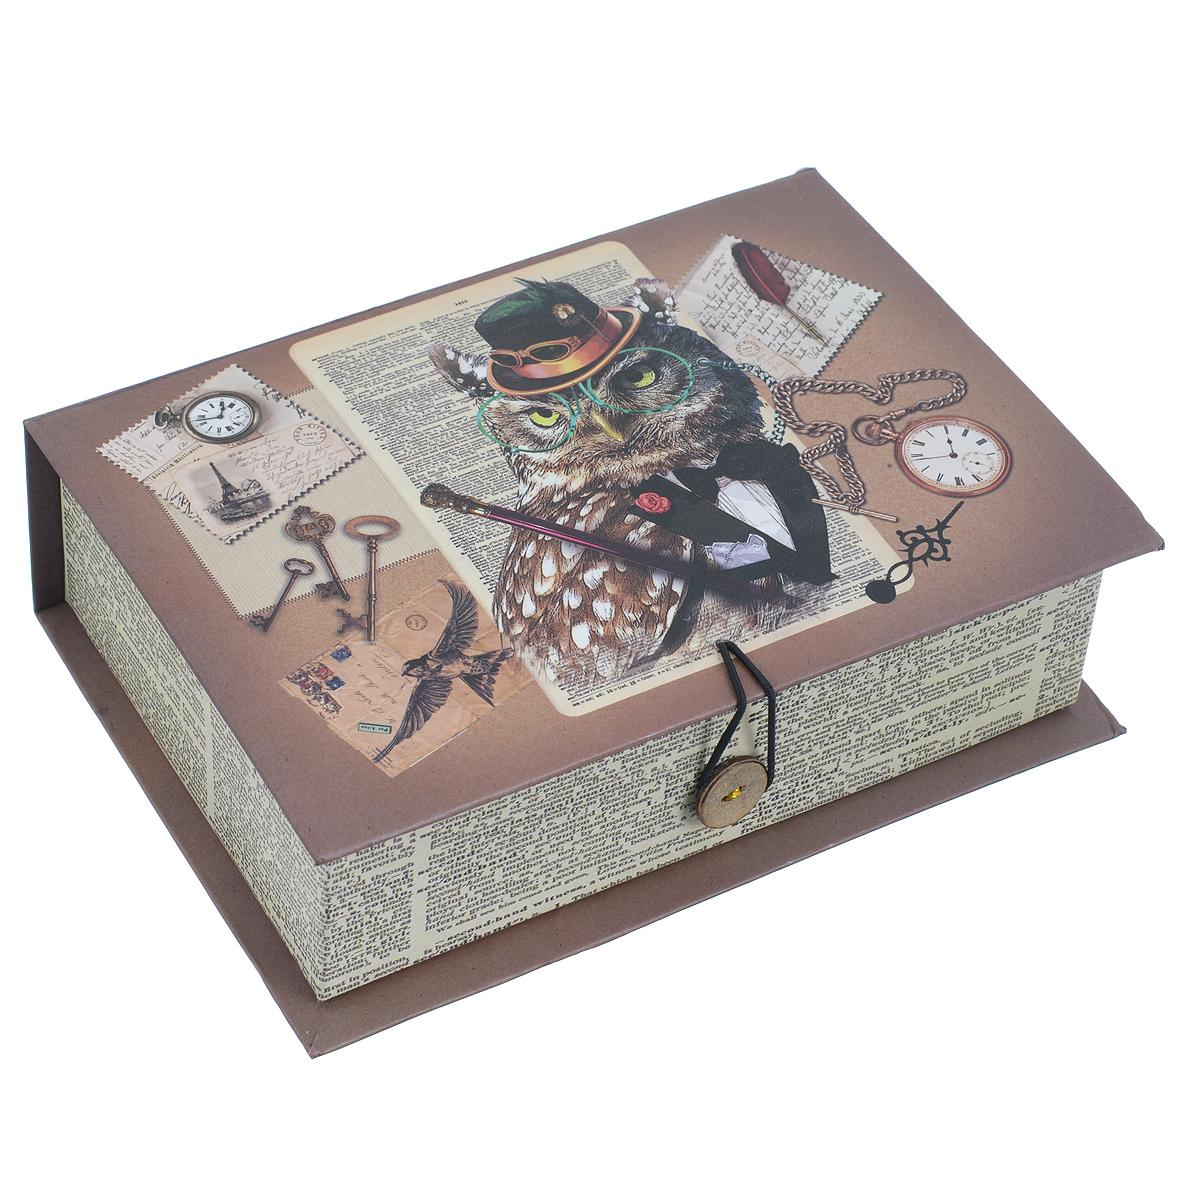 Подарочная коробка Гэтсби, 18 см х 12 см х 5 см39470Подарочная коробка Гэтсби выполнена из плотного картона. Изделие оформлено изображением гламурной совы, часов, ключей. Коробка закрывается на пуговицу. Подарочная коробка - это наилучшее решение, если вы хотите порадовать ваших близких и создать праздничное настроение, ведь подарок, преподнесенный в оригинальной упаковке, всегда будет самым эффектным и запоминающимся. Окружите близких людей вниманием и заботой, вручив презент в нарядном, праздничном оформлении. Плотность картона: 1100 г/м2.